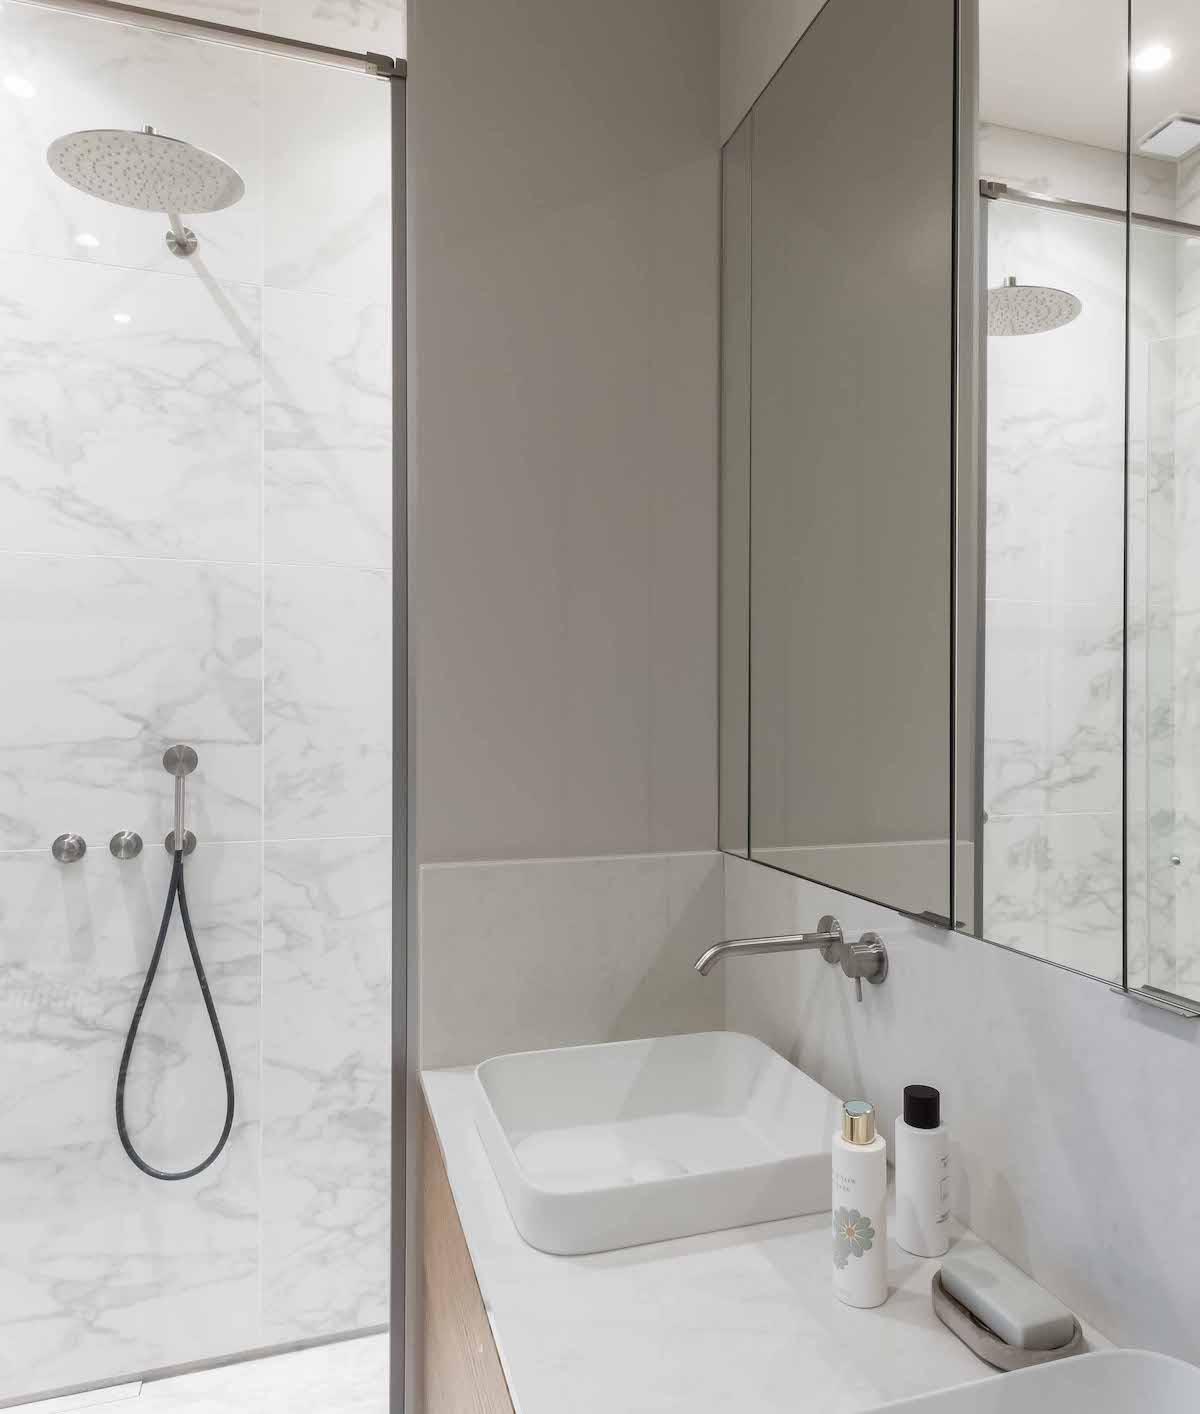 loft haussmannien salle de bain marbre blanc double vasque miroir - blog déco - clem around the corner